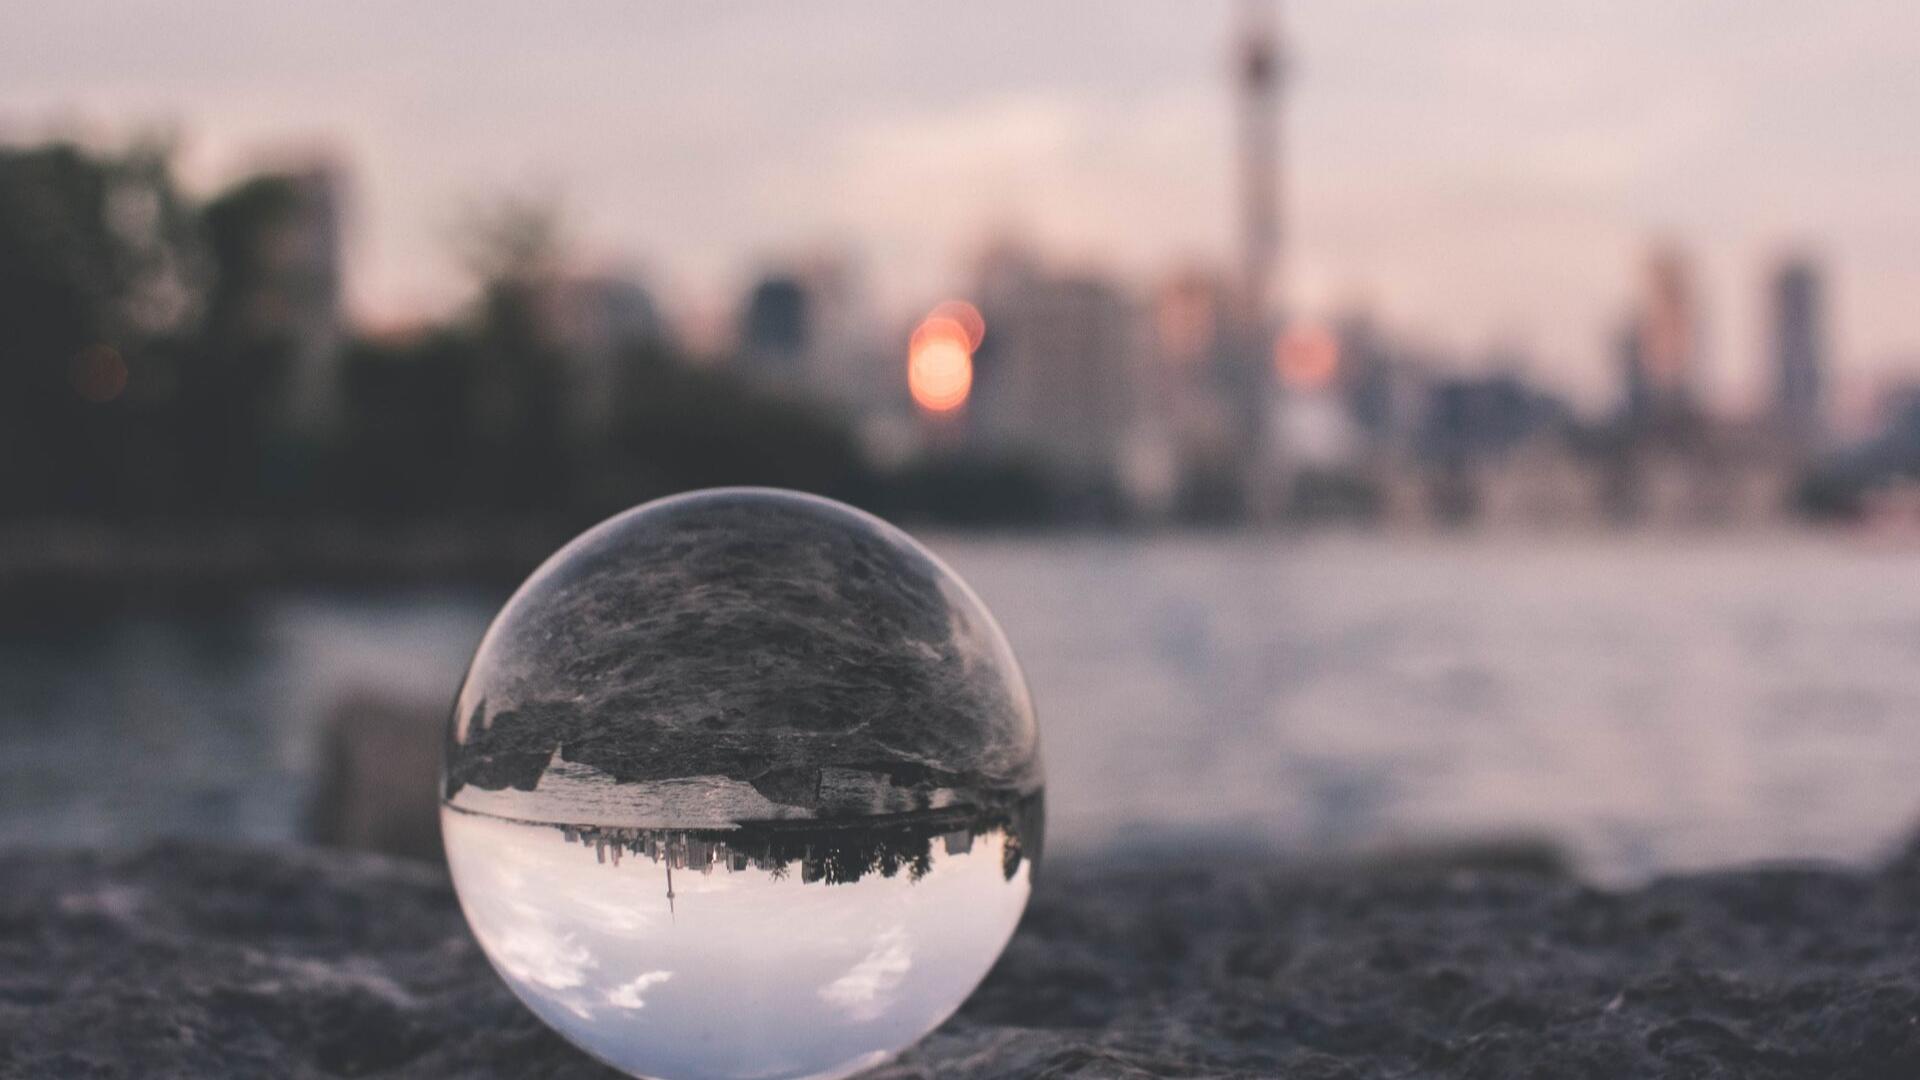 A view of the Toronto Skyline through a lens.